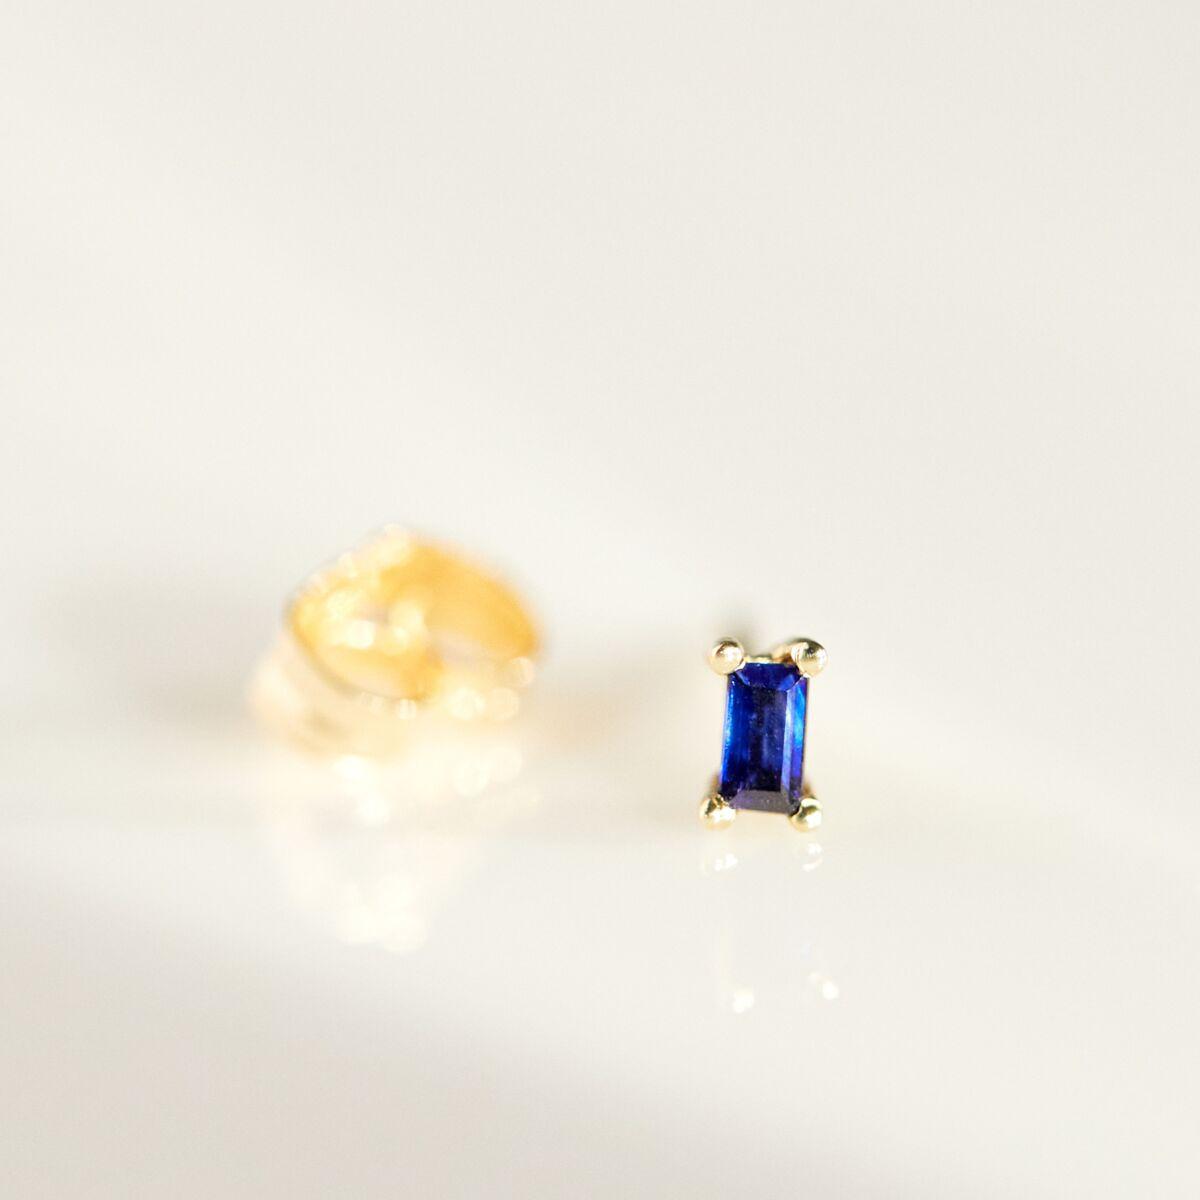 Baguette Stud, Blue Sapphire image